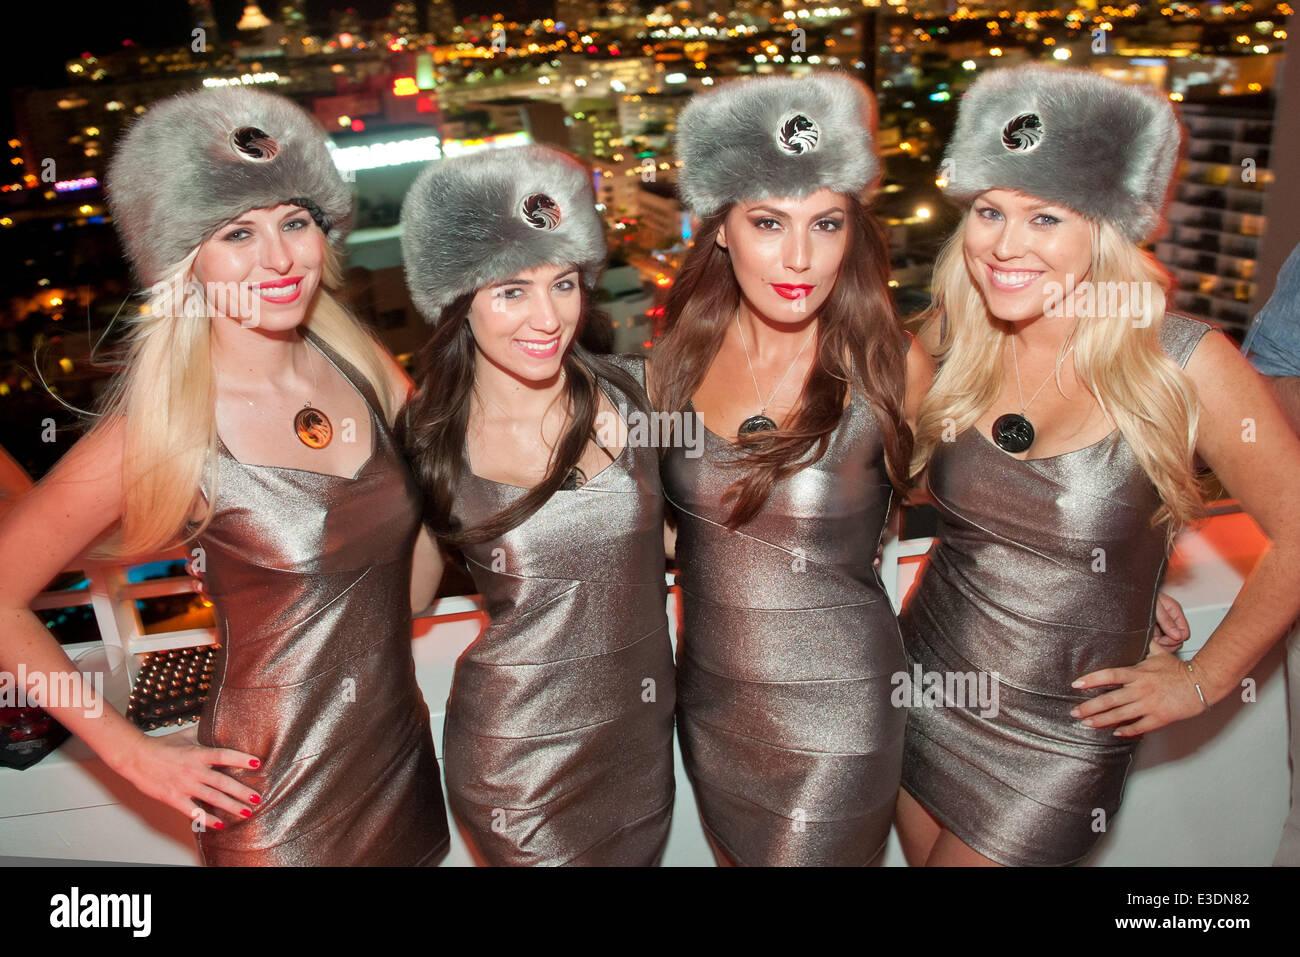 Russian lady club